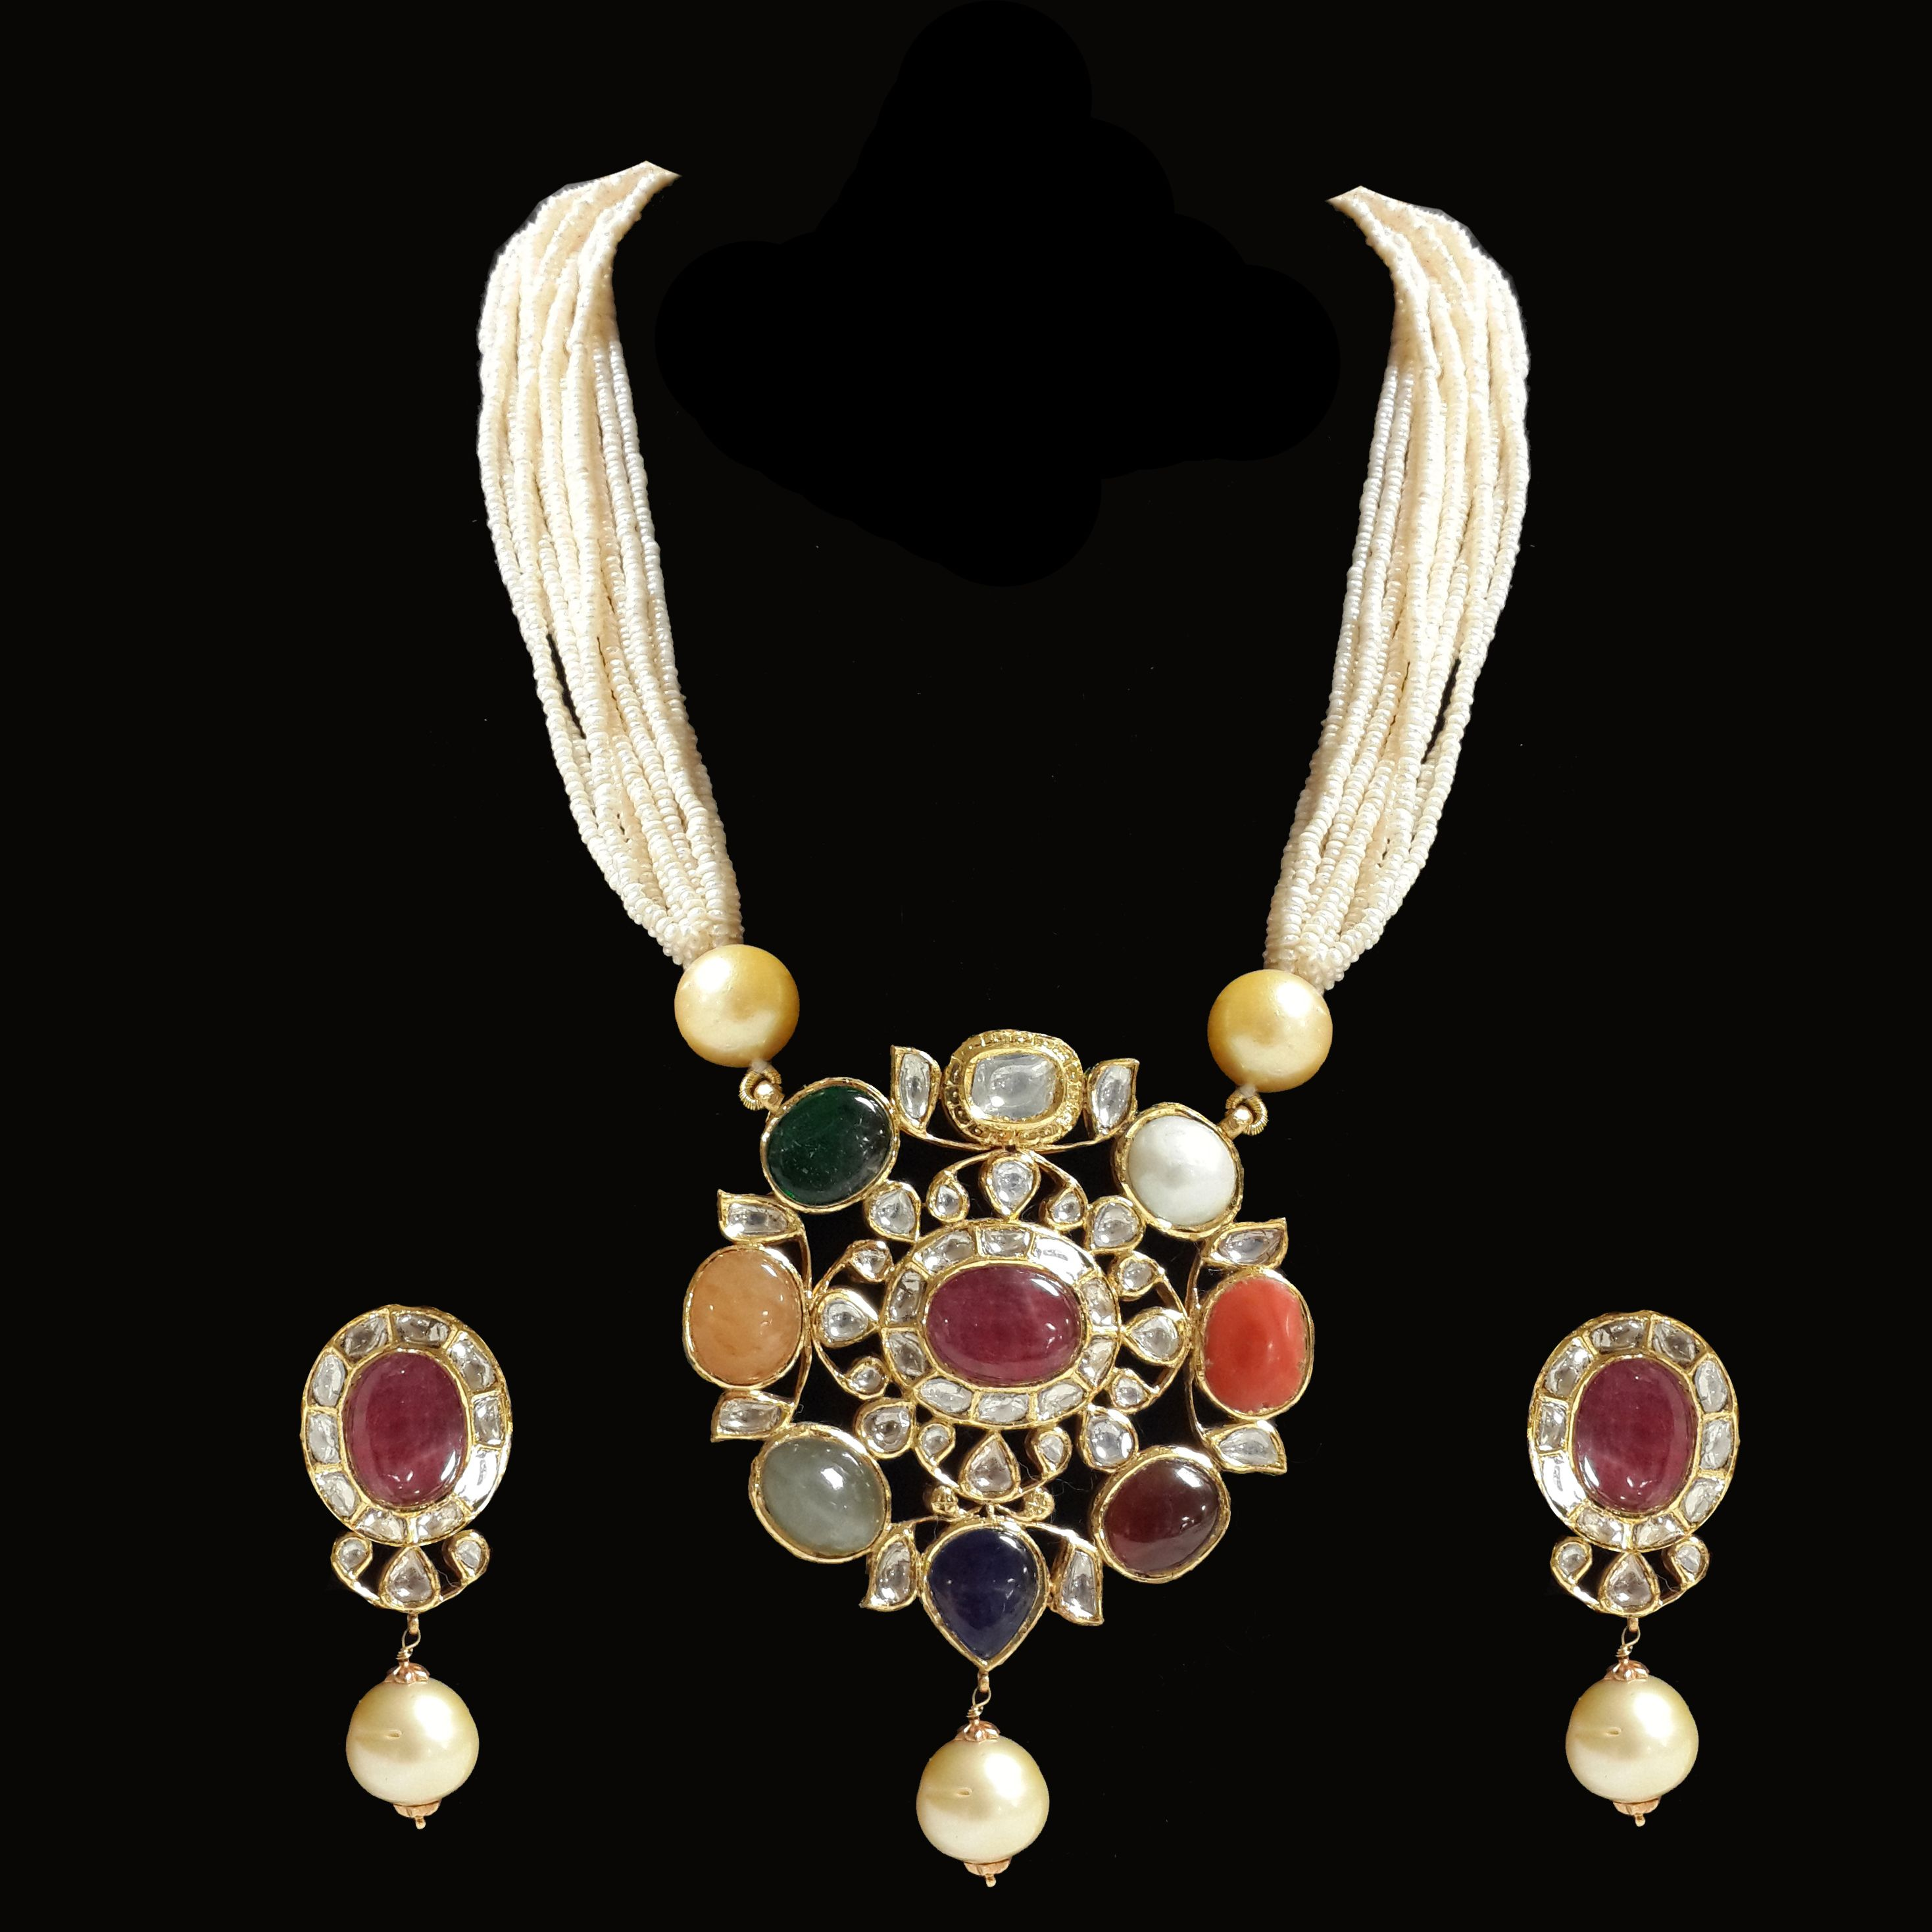 Jaipur jewellery online jadau navratan pendant u jadau jewellery